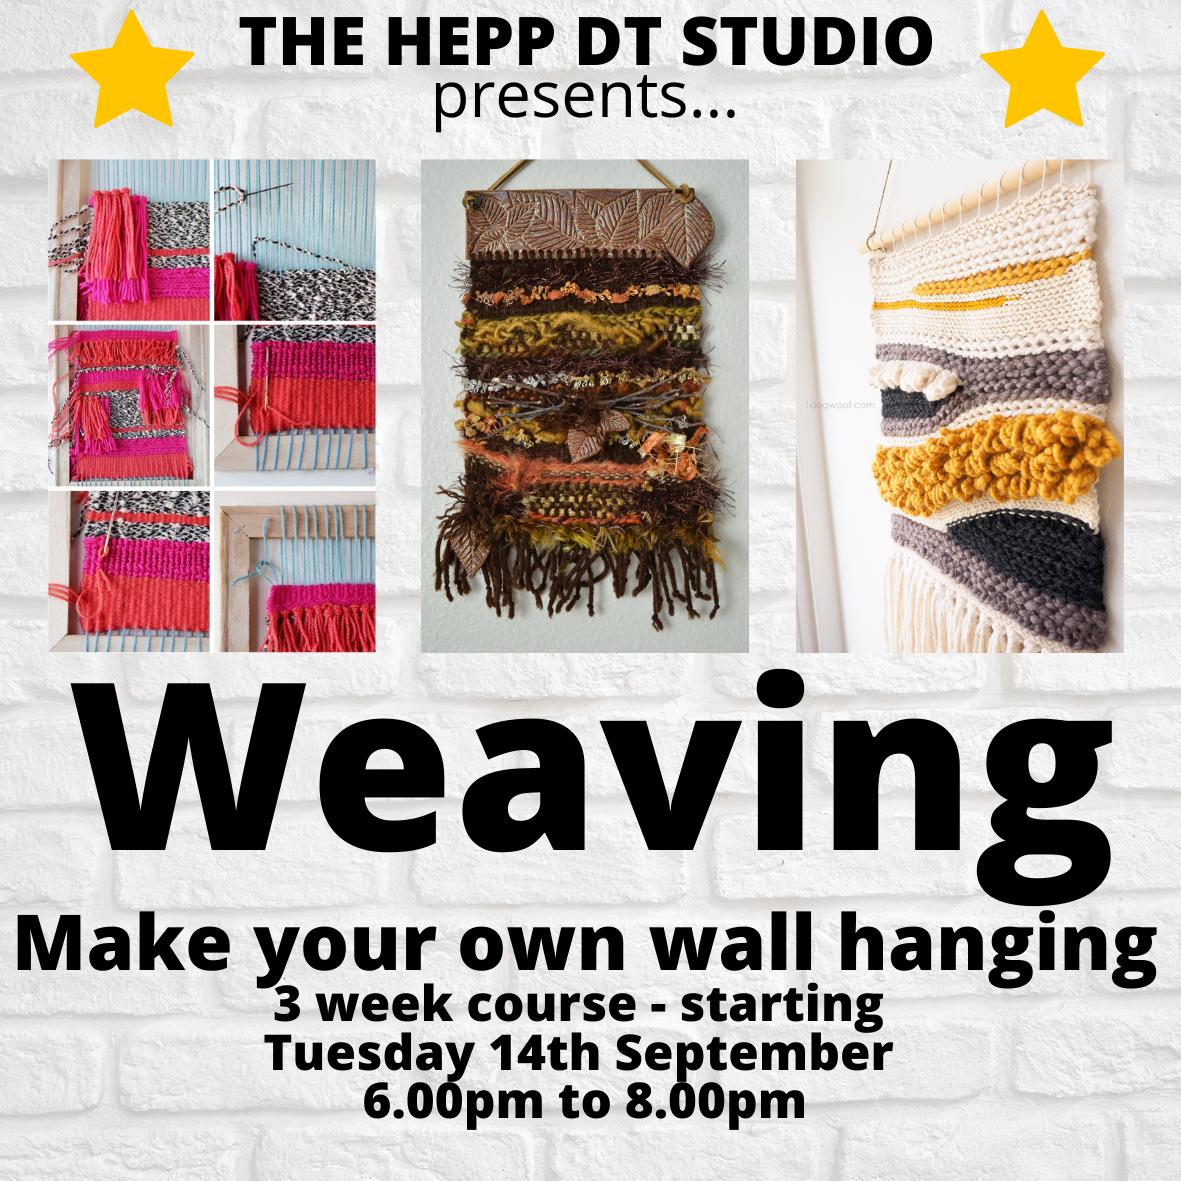 Weaving Workshop - 3 week course